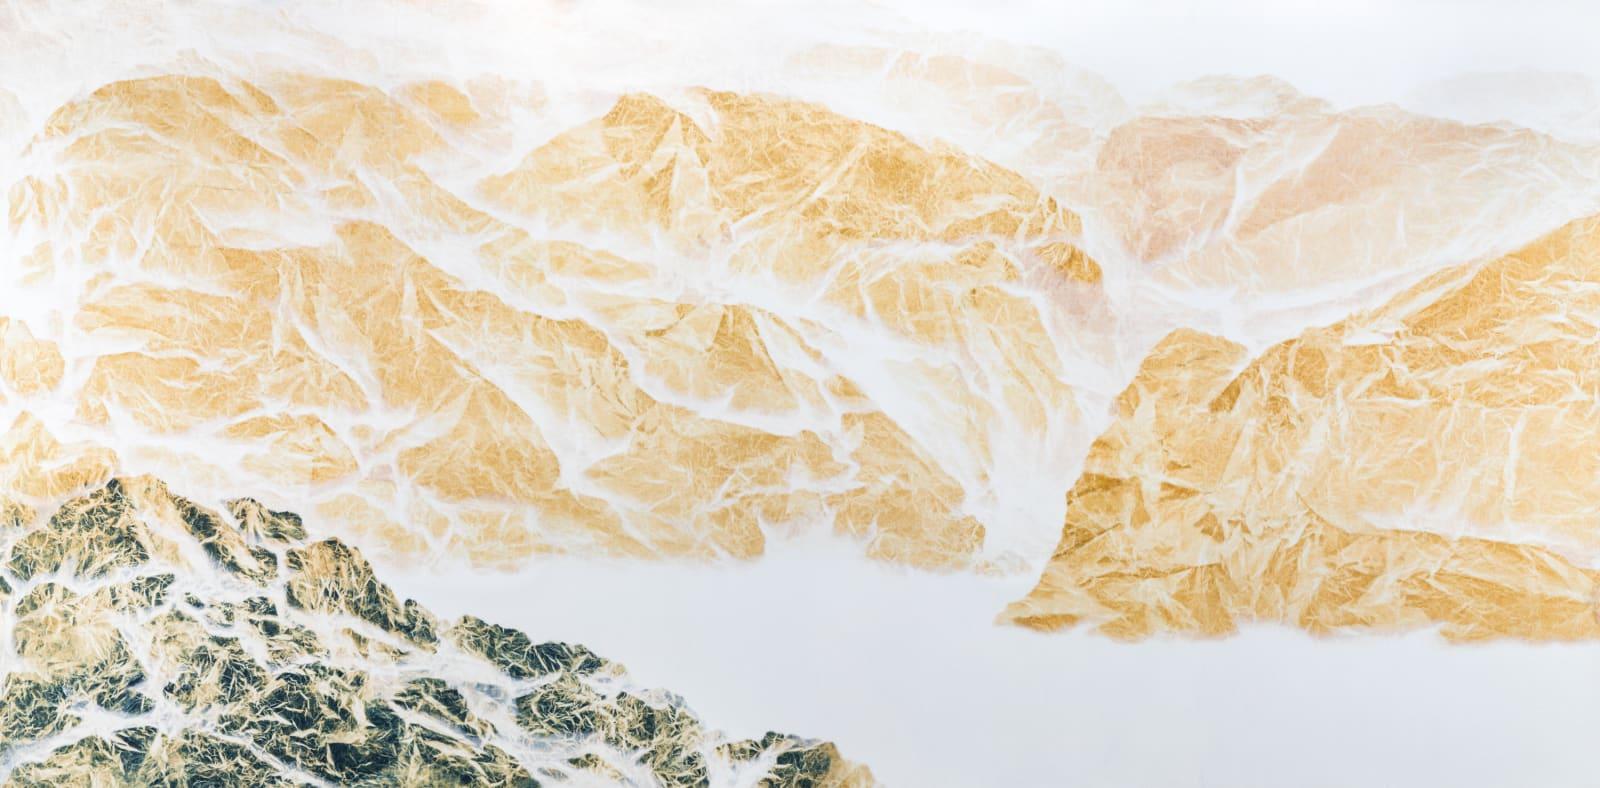 Wu Chi-Tsung 吳季璁, Cyano-Collage 045 氰山集之四十五, 2018